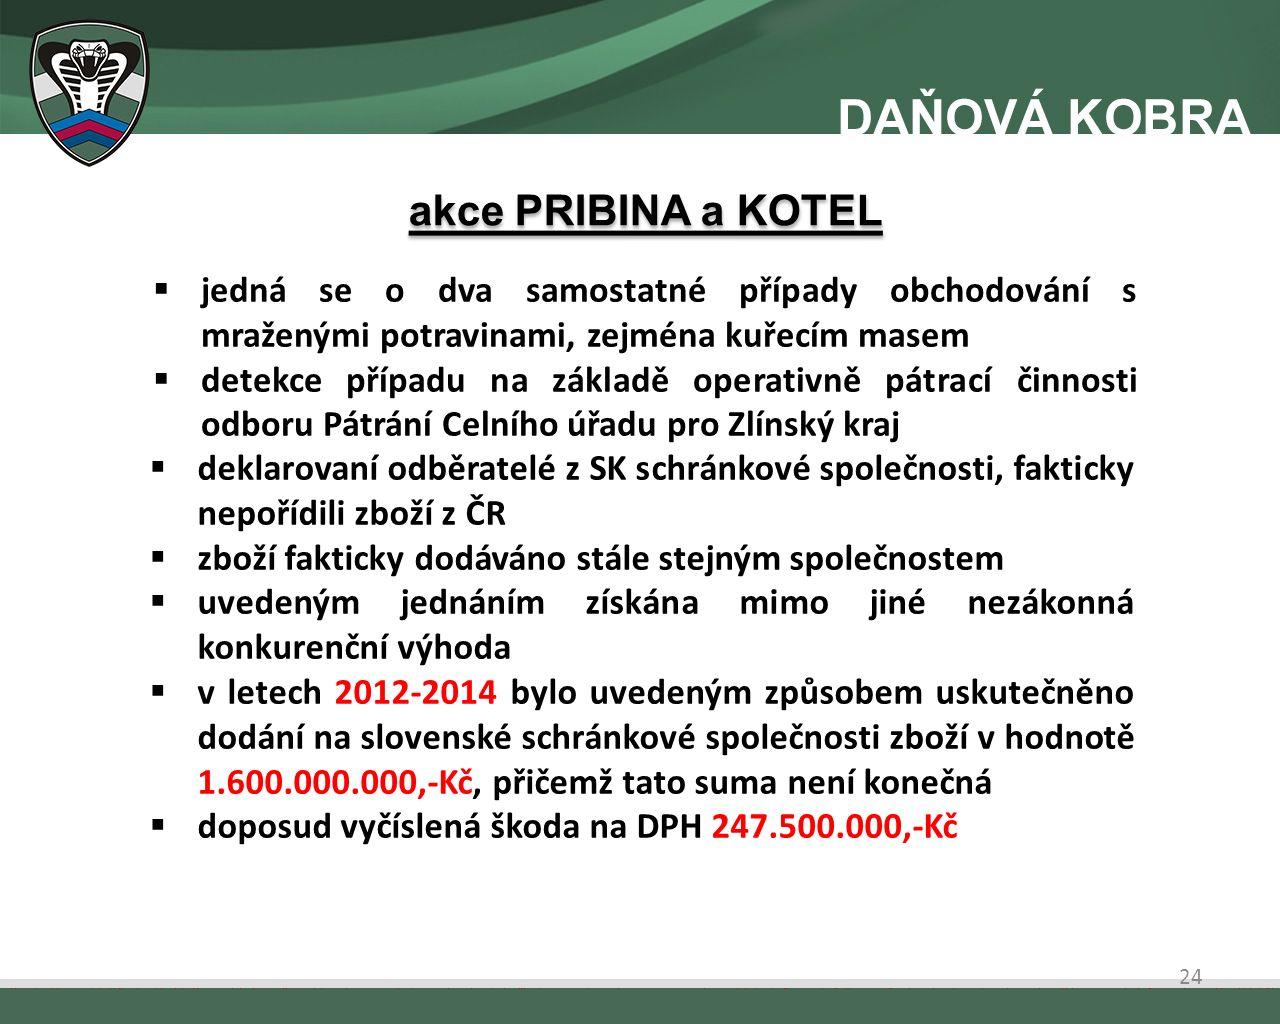  jedná se o dva samostatné případy obchodování s mraženými potravinami, zejména kuřecím masem  detekce případu na základě operativně pátrací činnosti odboru Pátrání Celního úřadu pro Zlínský kraj  deklarovaní odběratelé z SK schránkové společnosti, fakticky nepořídili zboží z ČR  zboží fakticky dodáváno stále stejným společnostem  uvedeným jednáním získána mimo jiné nezákonná konkurenční výhoda  v letech 2012-2014 bylo uvedeným způsobem uskutečněno dodání na slovenské schránkové společnosti zboží v hodnotě 1.600.000.000,-Kč, přičemž tato suma není konečná  doposud vyčíslená škoda na DPH 247.500.000,-Kč akce PRIBINA a KOTEL 24